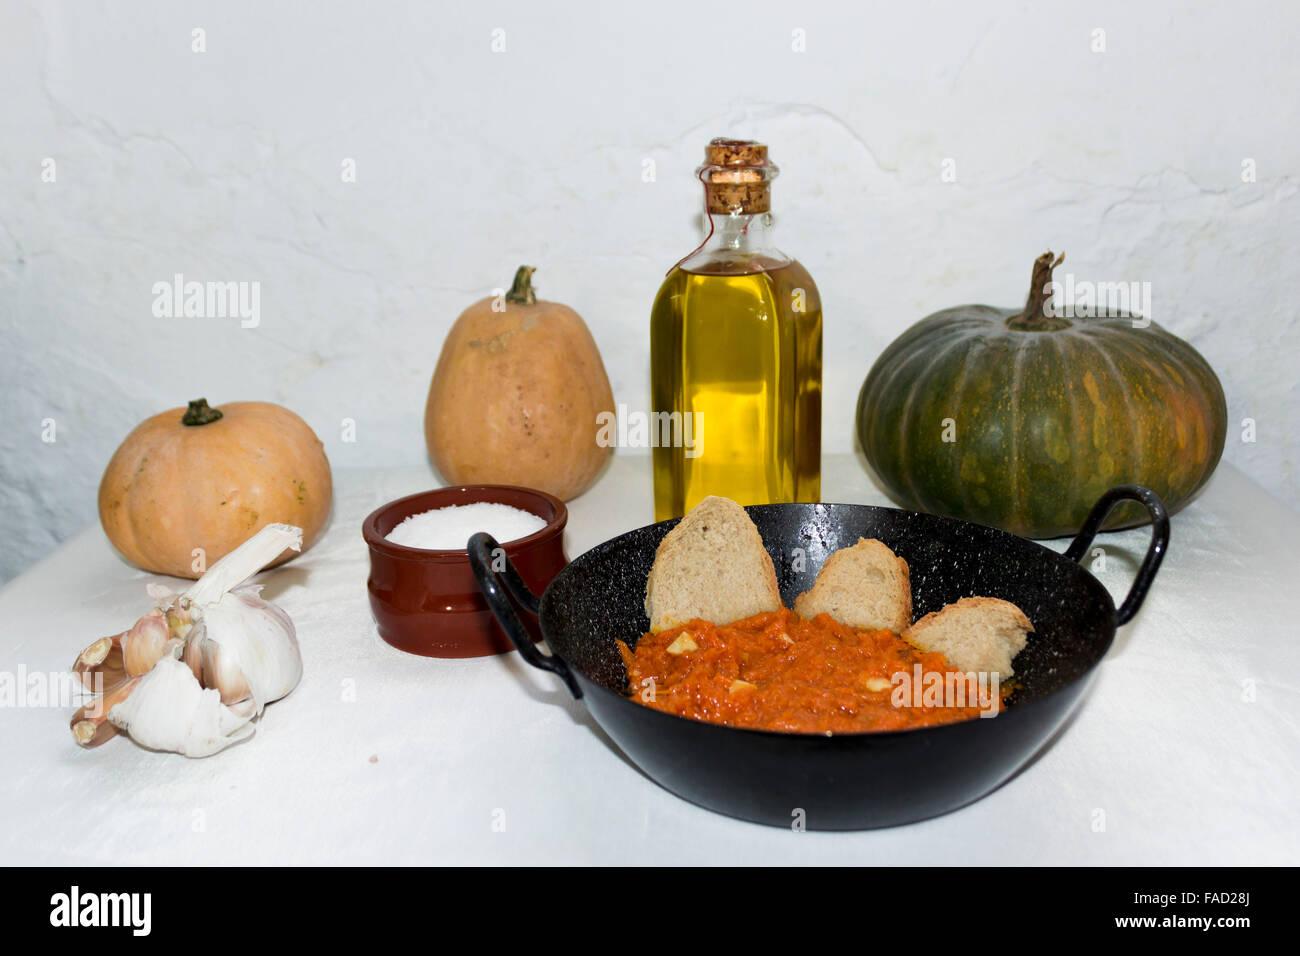 Tapa típica española de puré de calabaza y el pan. Imagen De Stock